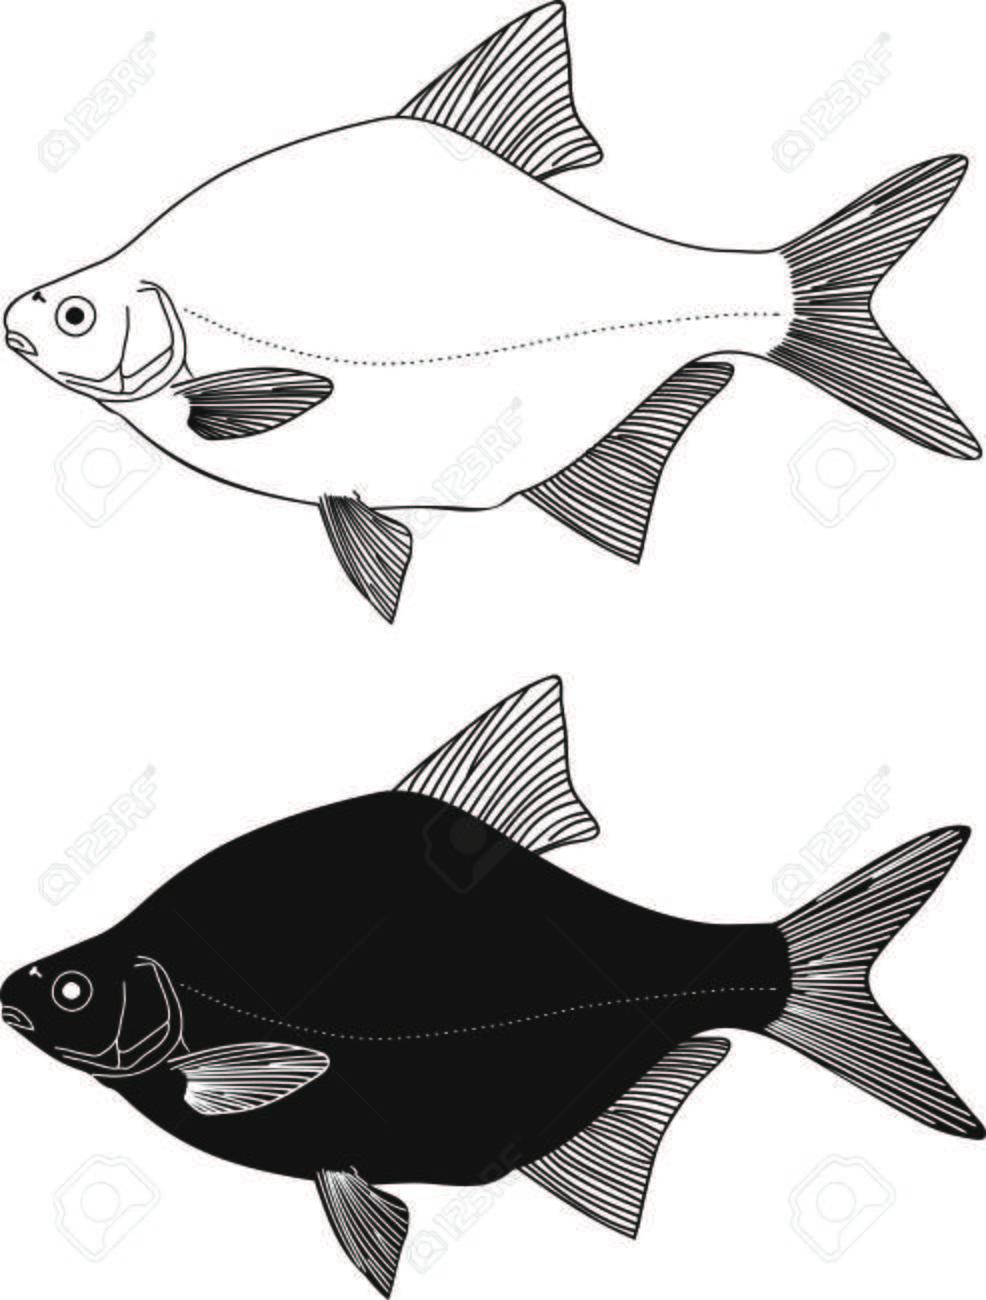 Blanco Y Negro Ilustración Peces De Agua Dulce Dorada